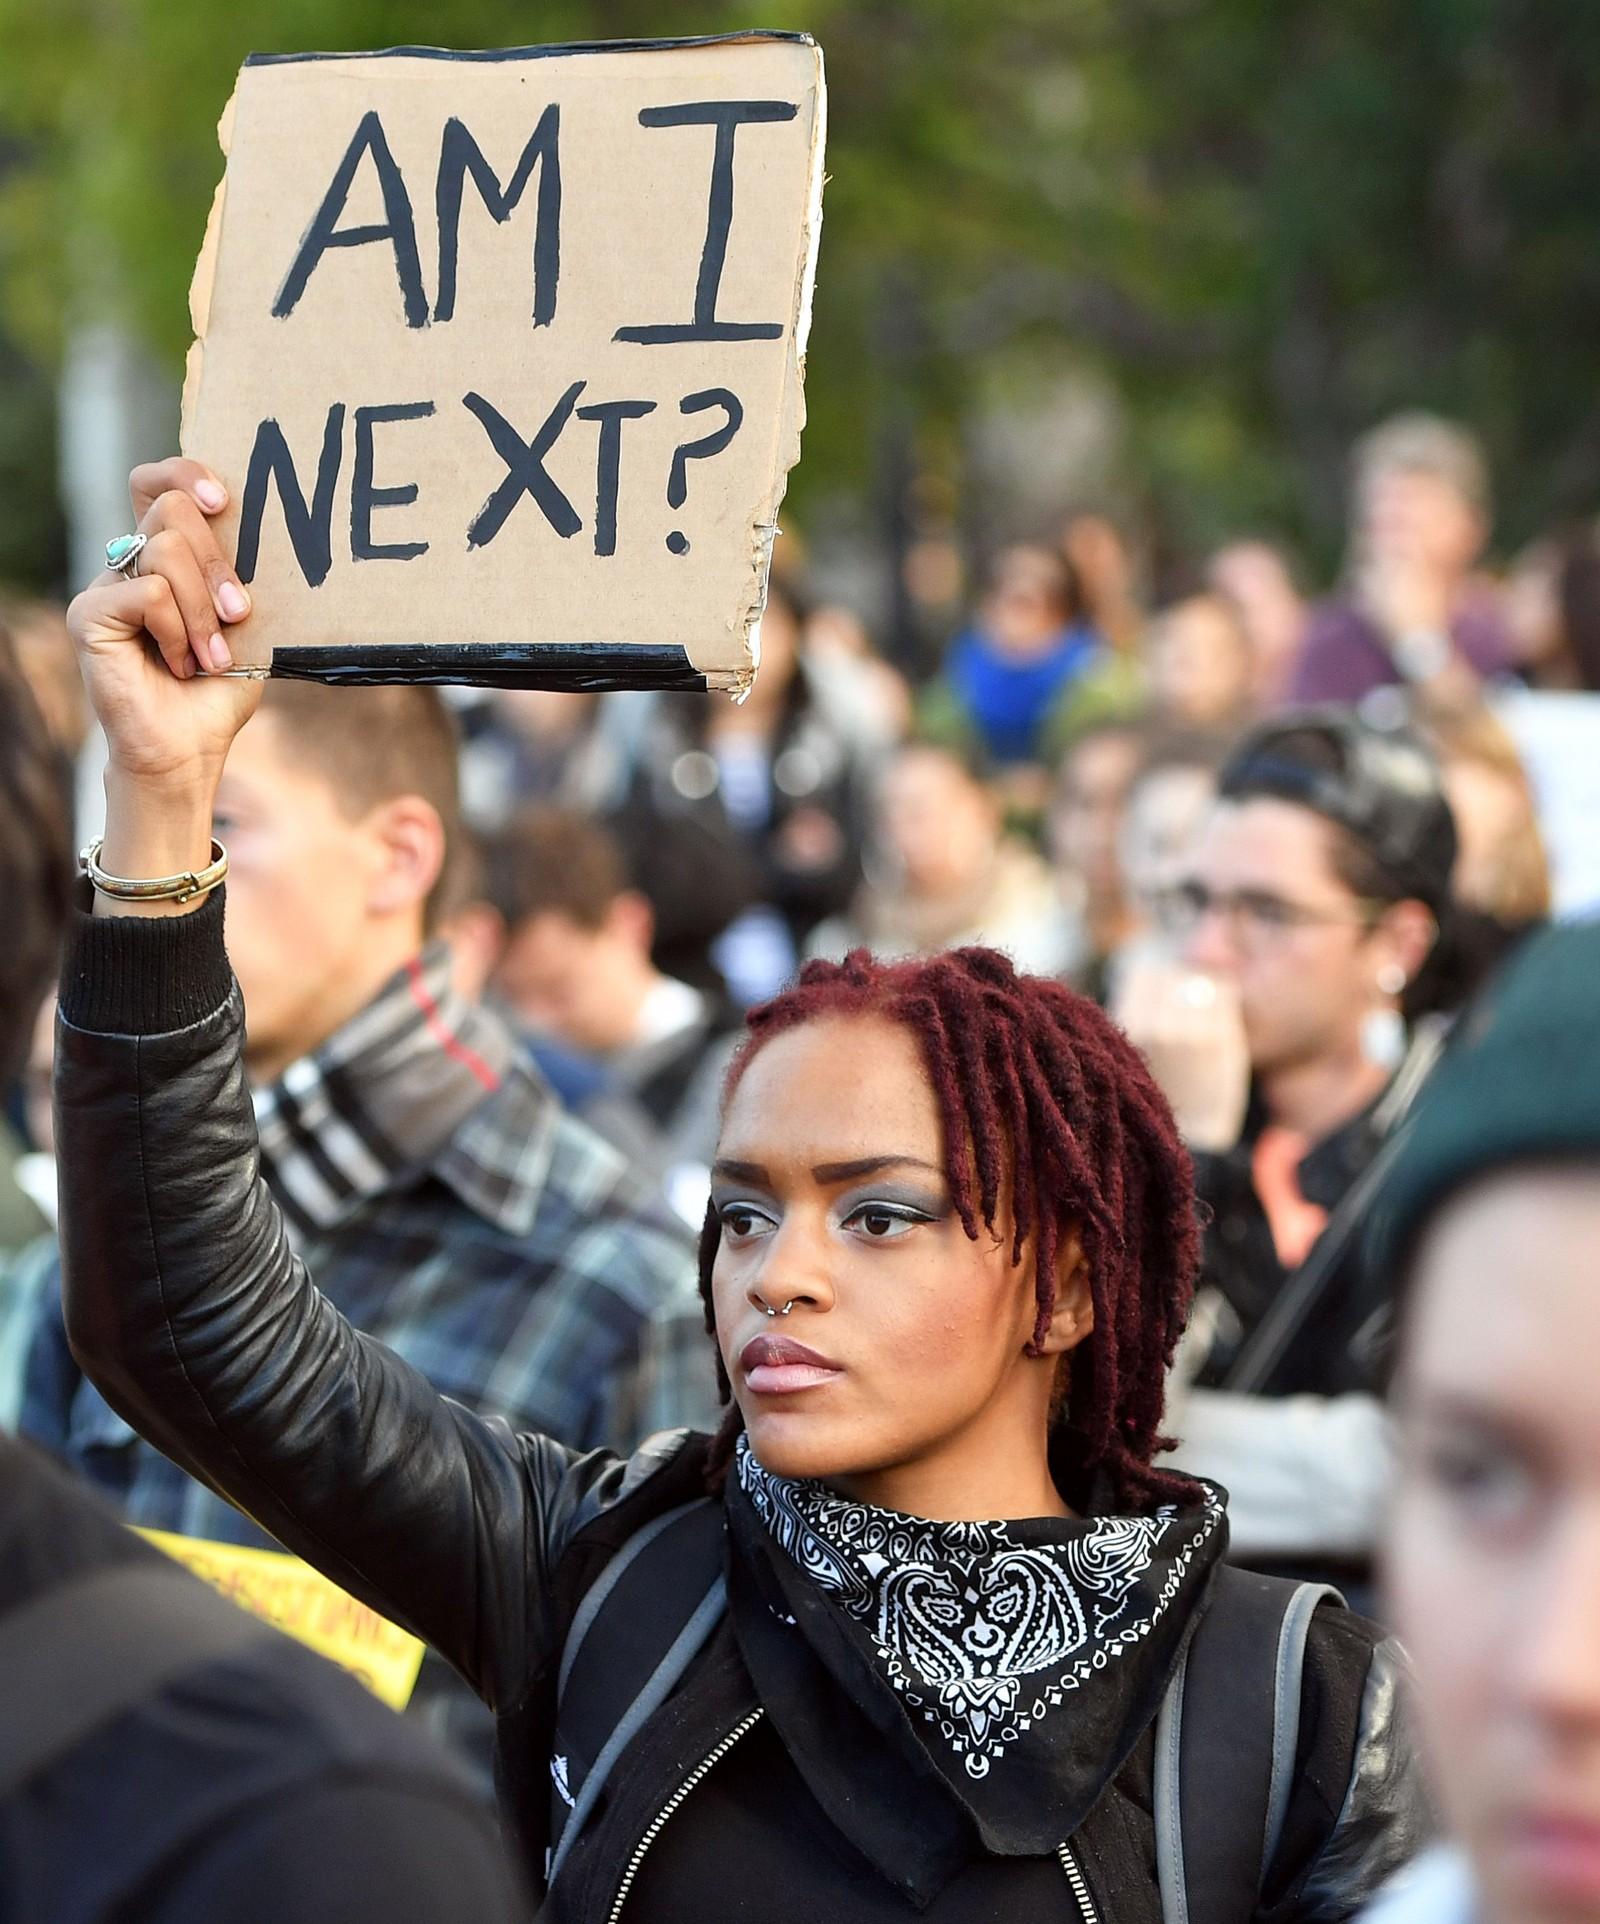 SAN FRANSISCO: «Er jeg den neste» står det på plakaten til en kvinnelig demonstrant i San Fransisco.